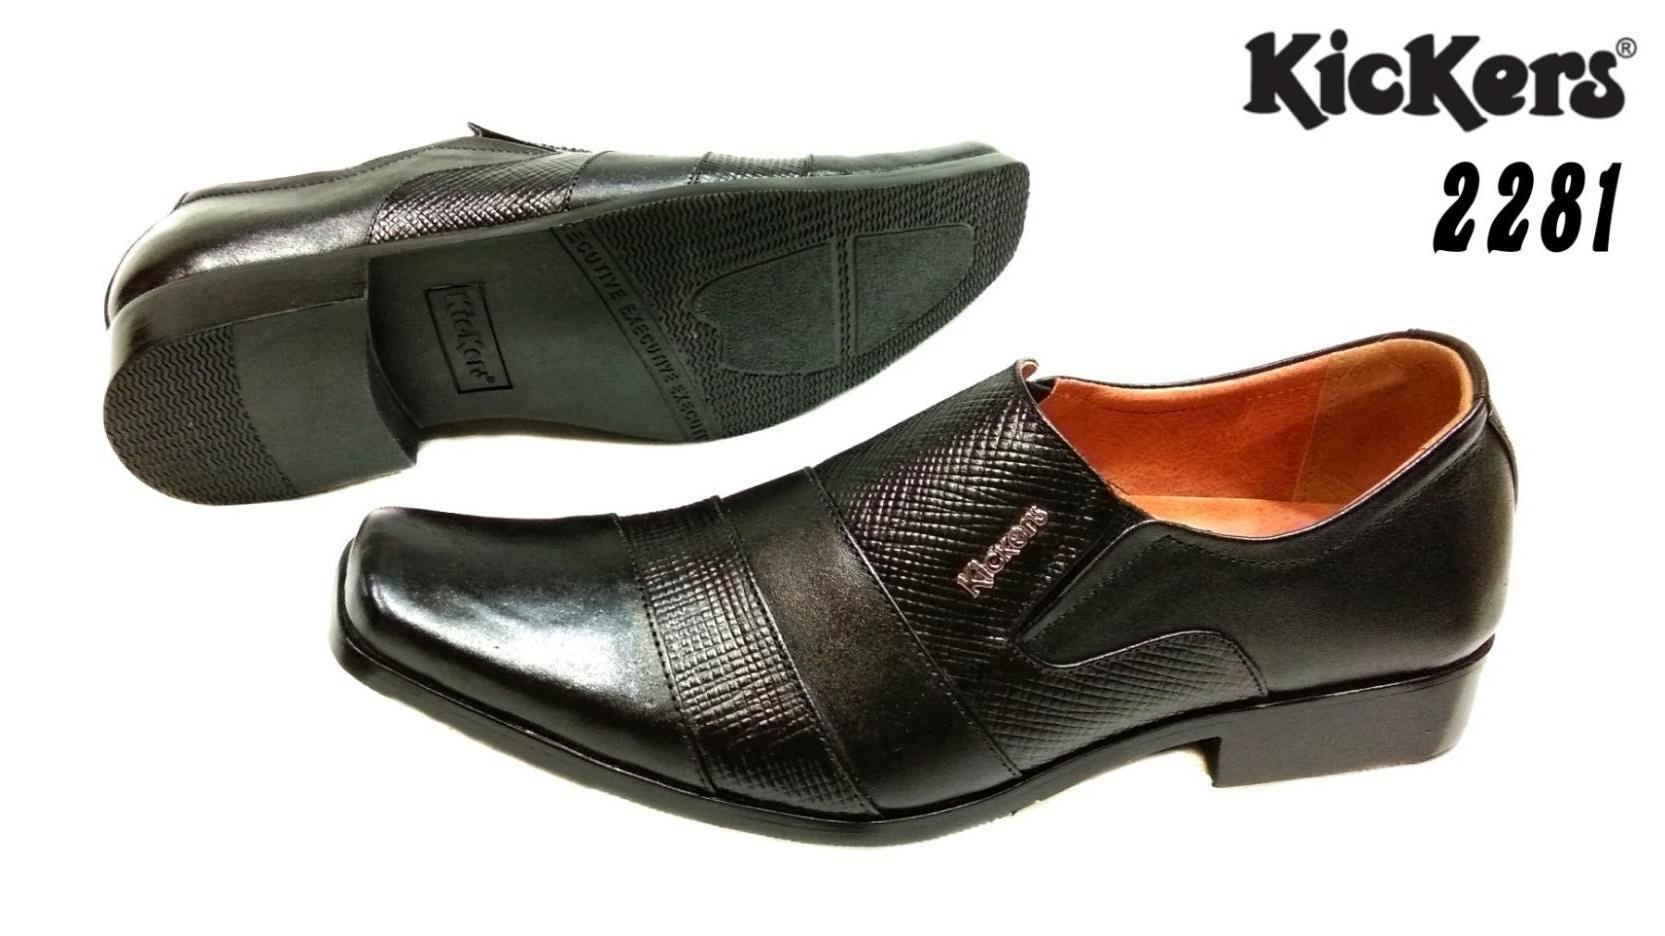 Sepatu Pantofel kickers 2281 Kulit Sapi Asli sepatu kantor sepatu Kerja Pantopel pria